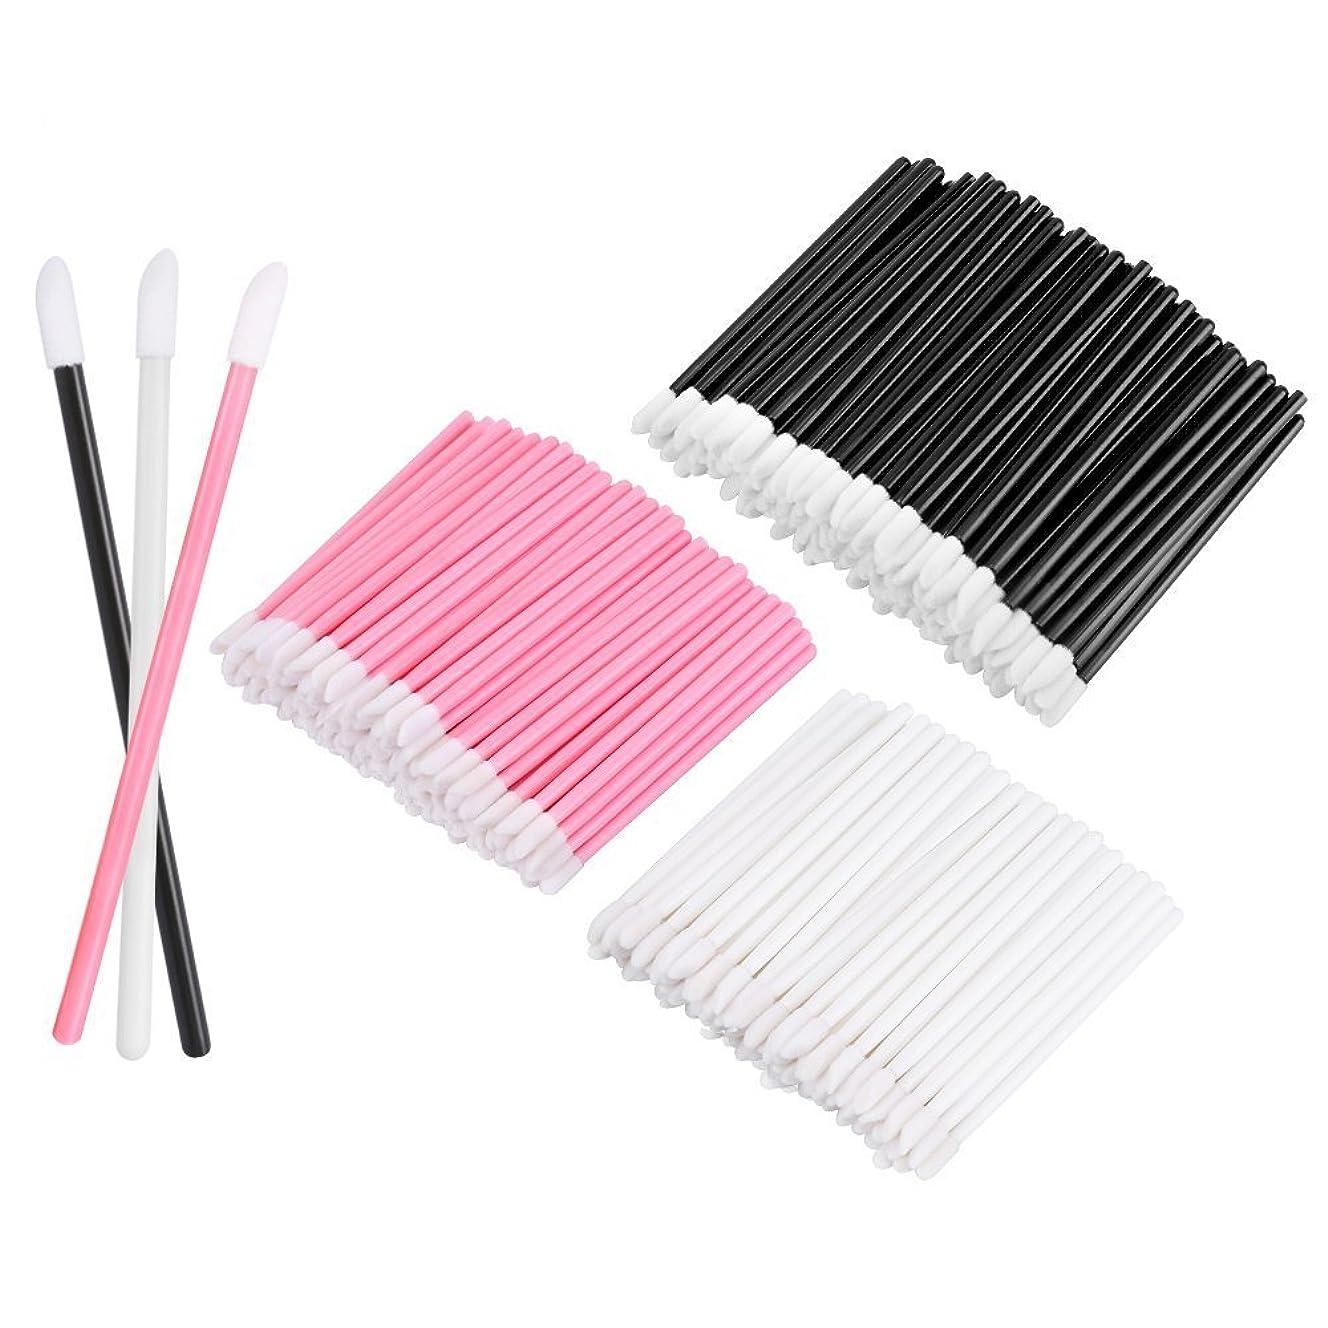 セラーかんたん石KEDSUM リップブラシ 使い捨て 300本入り メイクブラシ 化粧用品 化粧筆 化粧ブラシ 携帯用 便利 (3色)